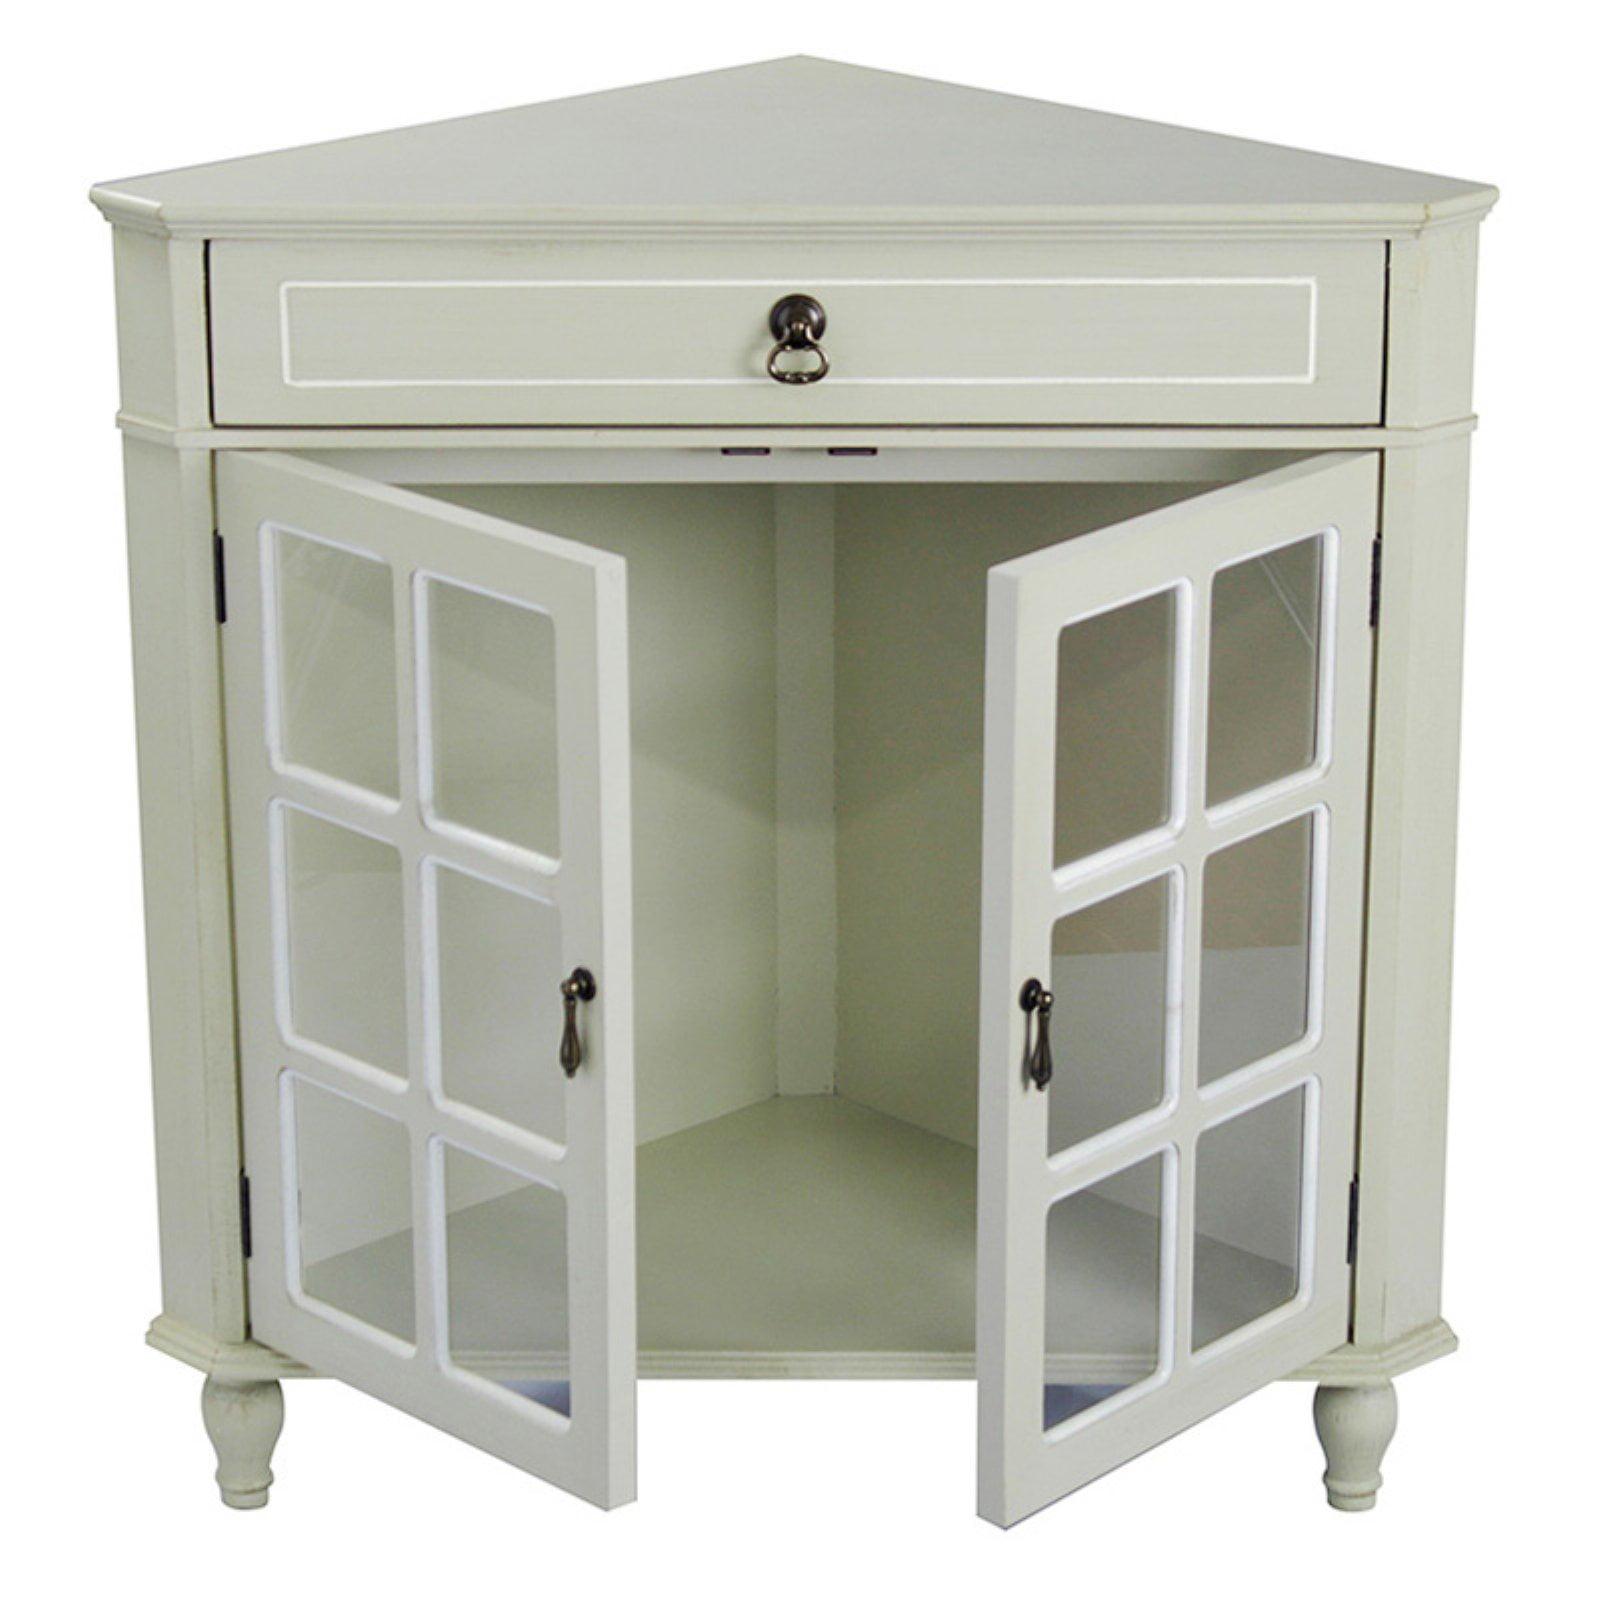 Heather Ann Creations W191119 1229 Vivian 1 Drawer 2 Door Corner